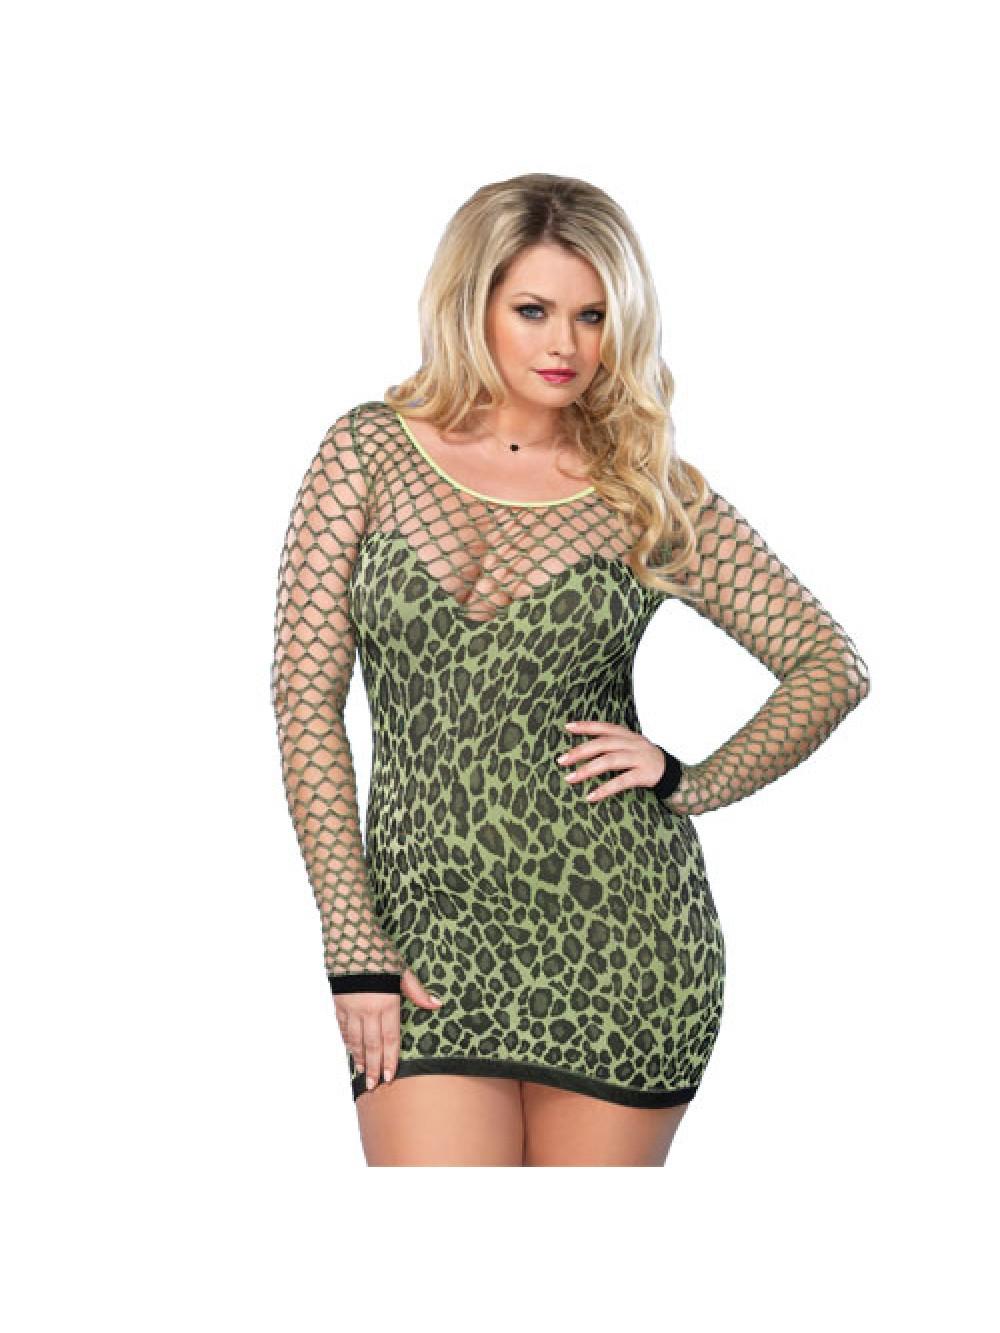 Leg Avenue senza saldatura leopardo Miniabito UK da 16 a 18